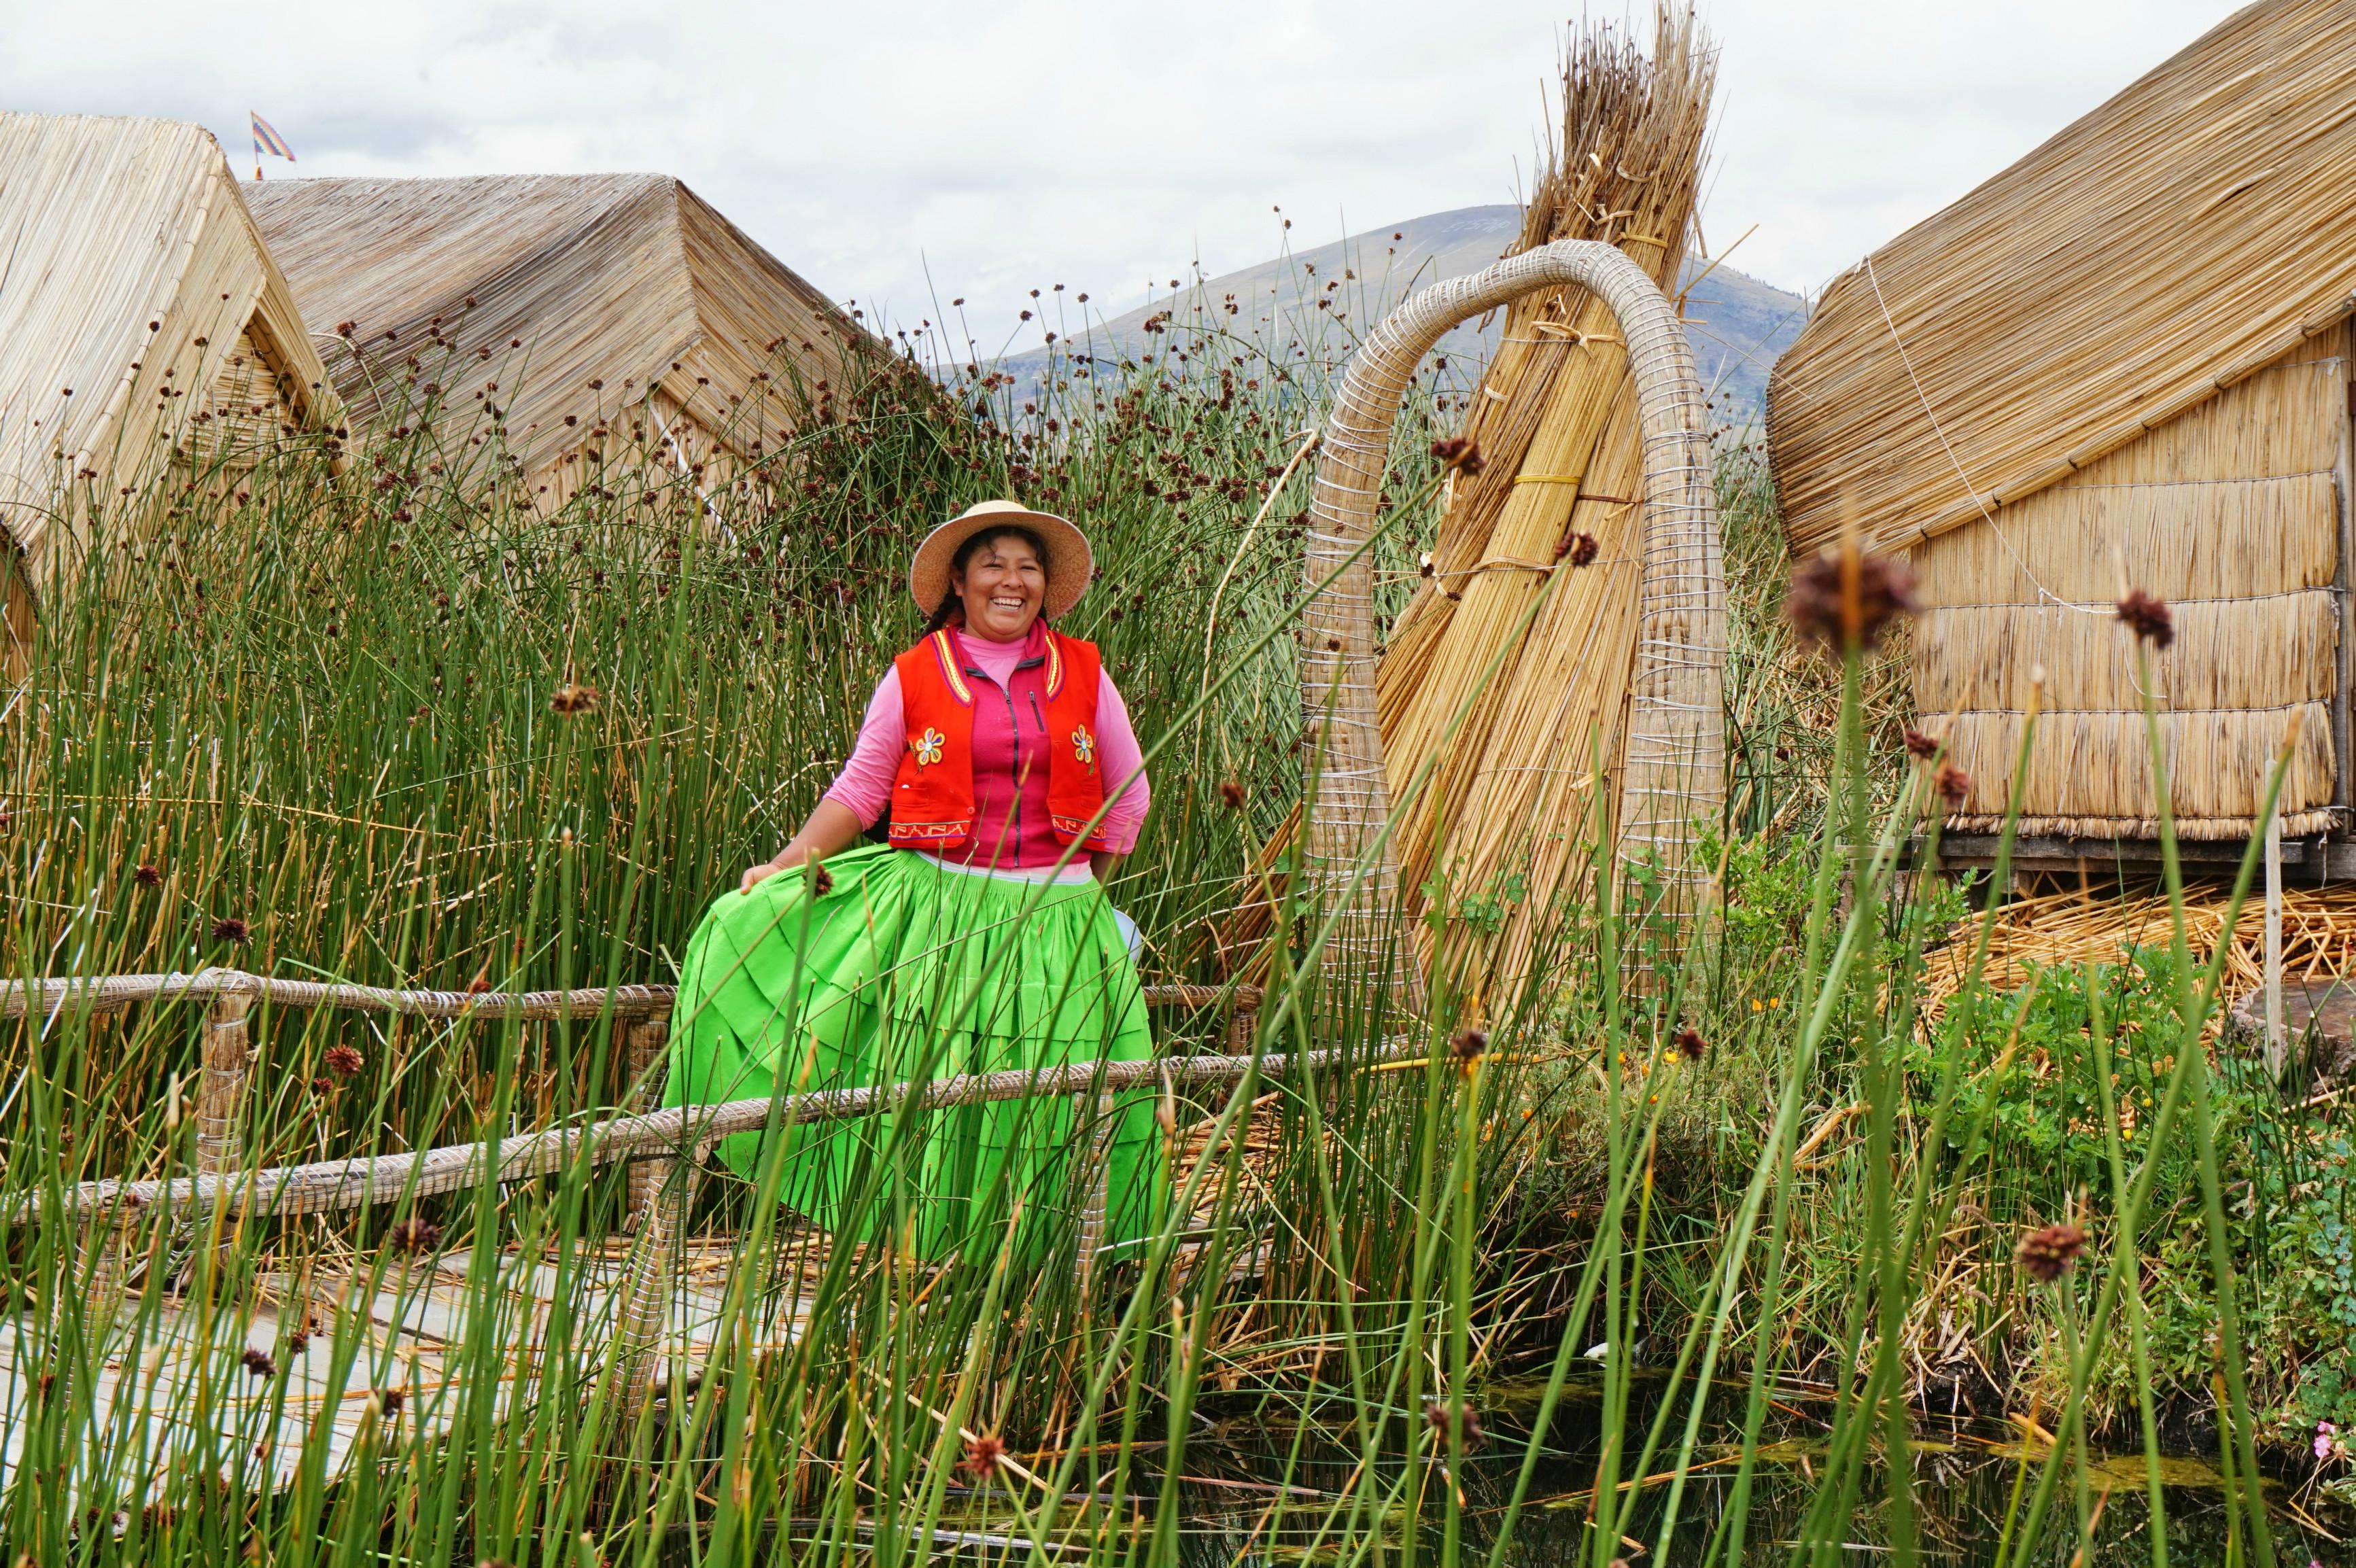 Femme nous saluant - Iles Uros - Lac Titicaca - Pérou